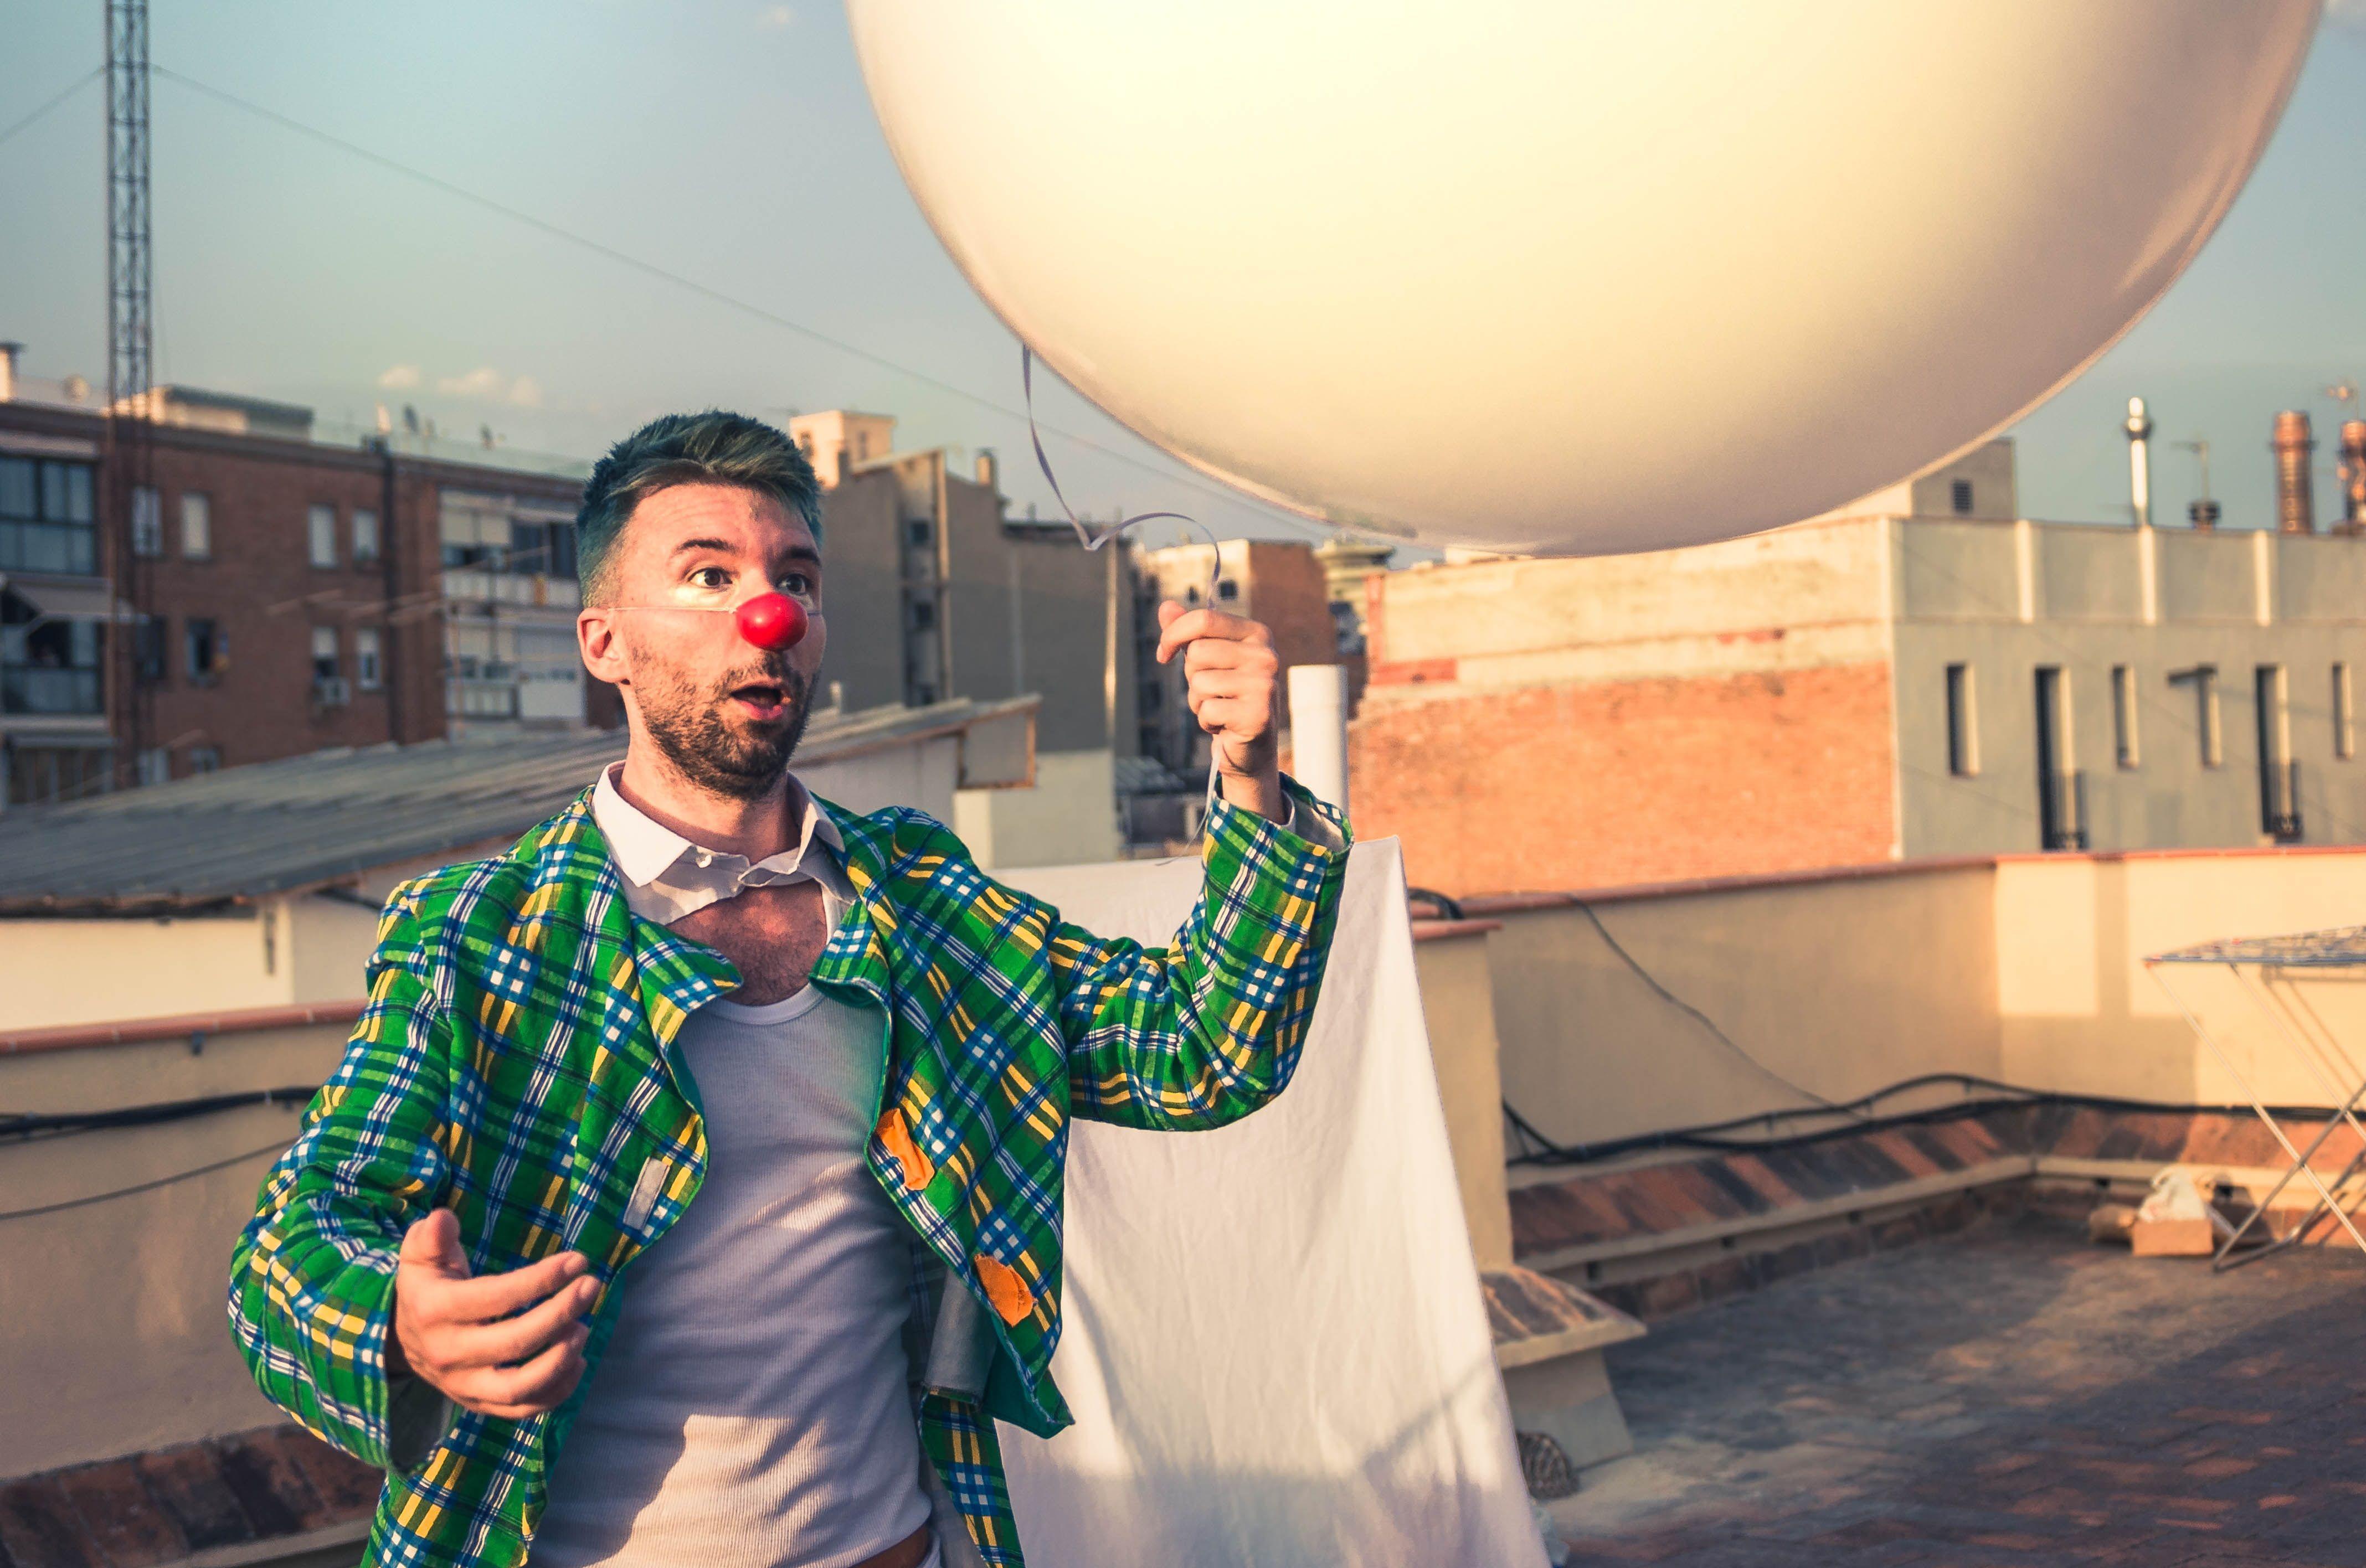 BOSCONERO - Un clown sognatore coi piedi per terra: Riccardo Forneris vince il CirkAround 2021 - FOTO